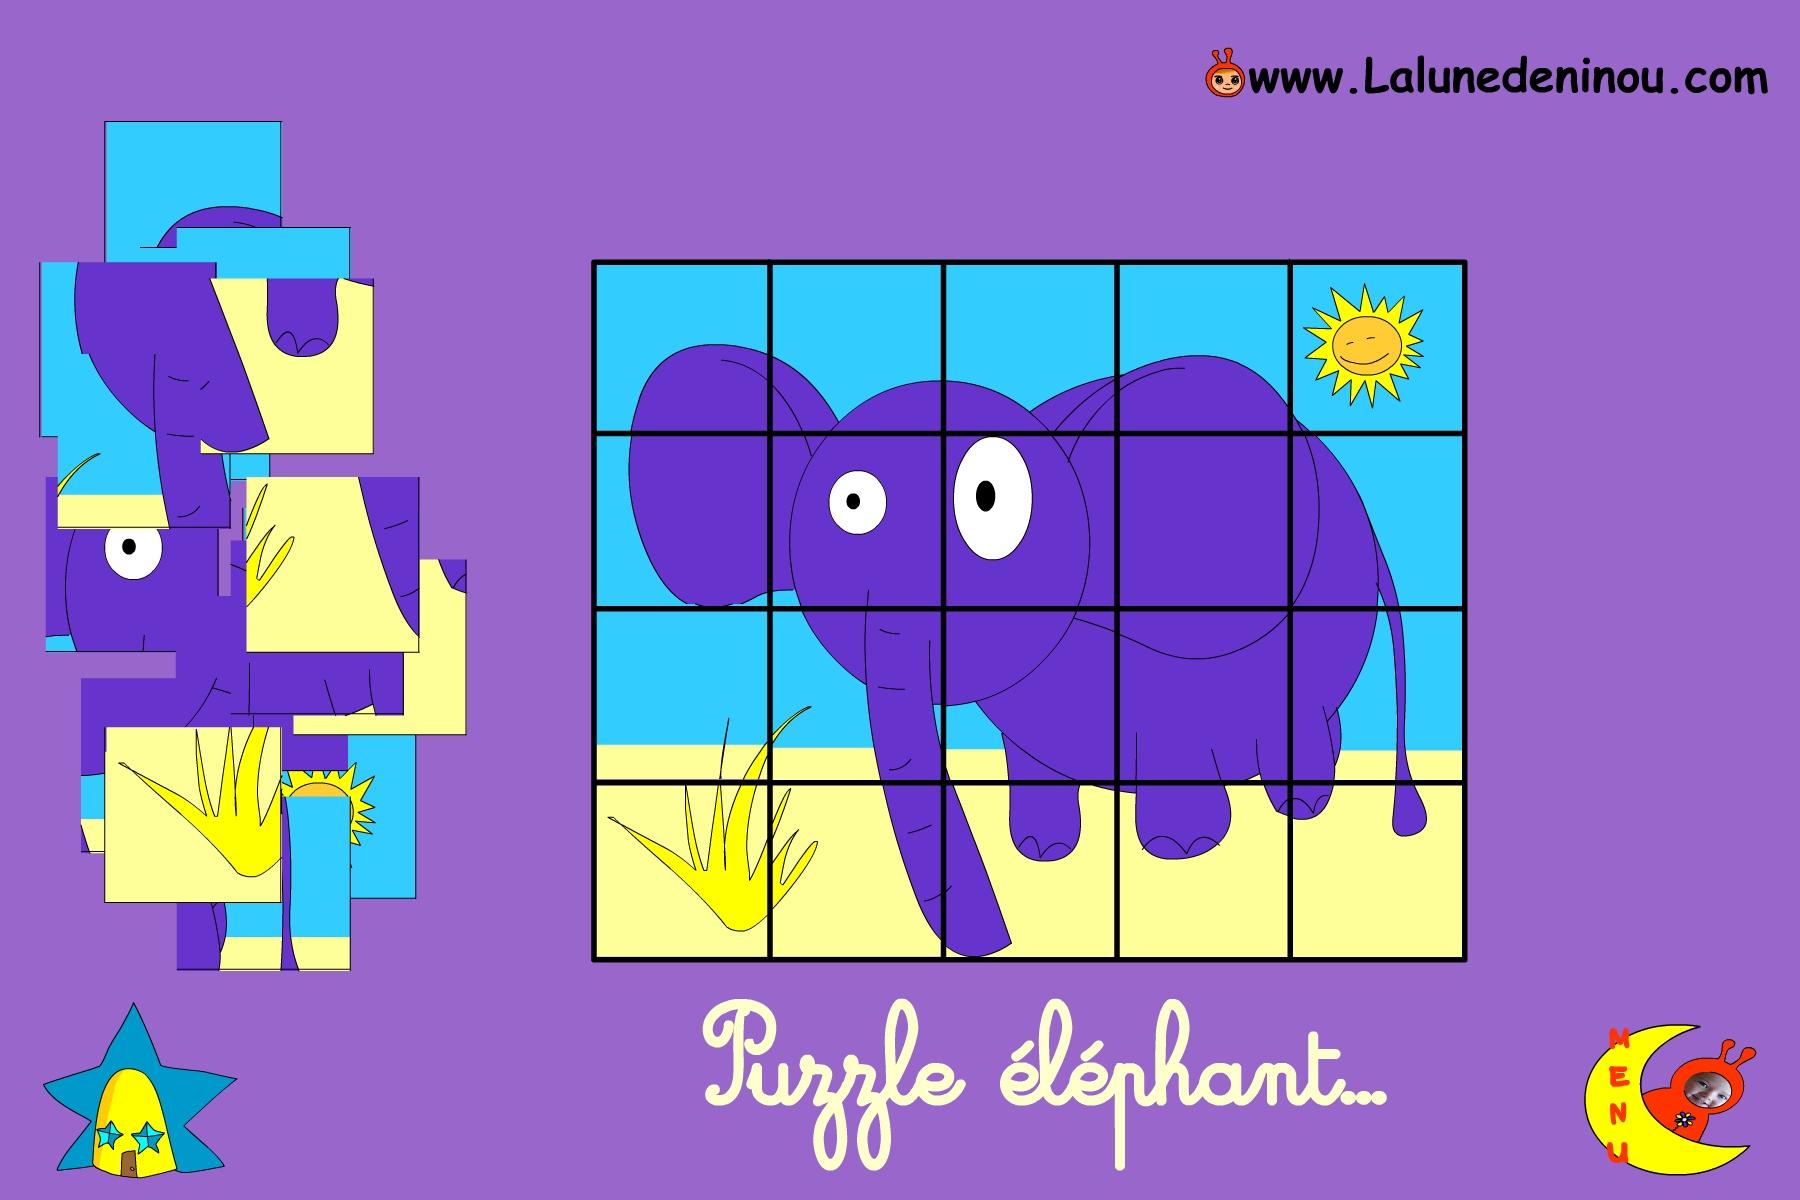 Puzzle En Ligne Pour Enfant De Maternelle - Lalunedeninou dedans Puzzle En Ligne Enfant